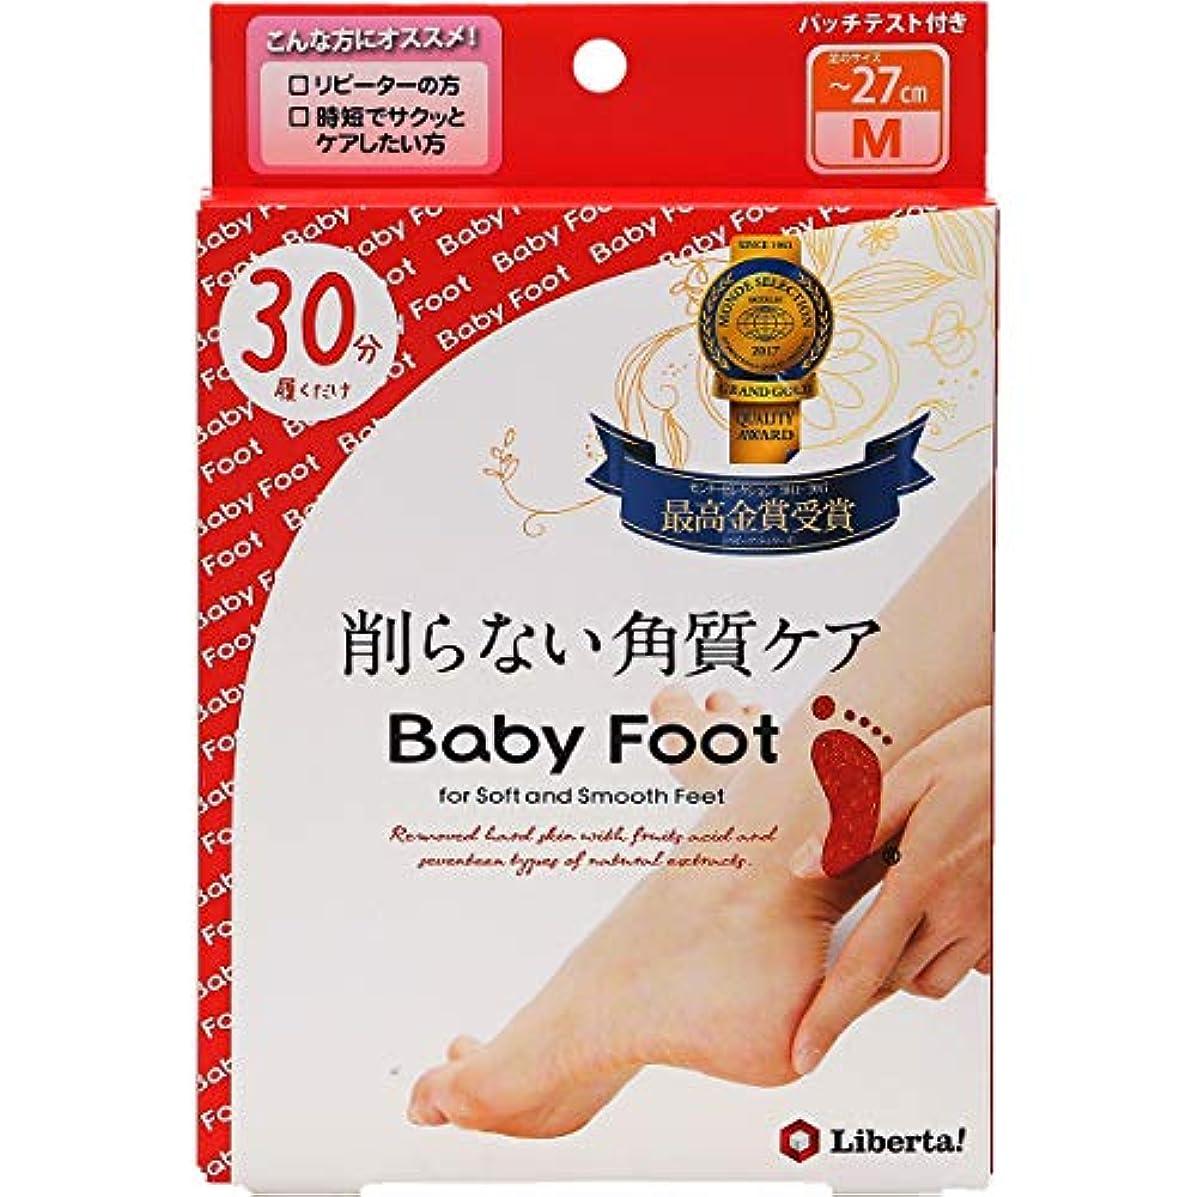 食い違い汚染するボランティアベビーフット (Baby Foot) ベビーフット イージーパック30分タイプ Mサイズ 単品